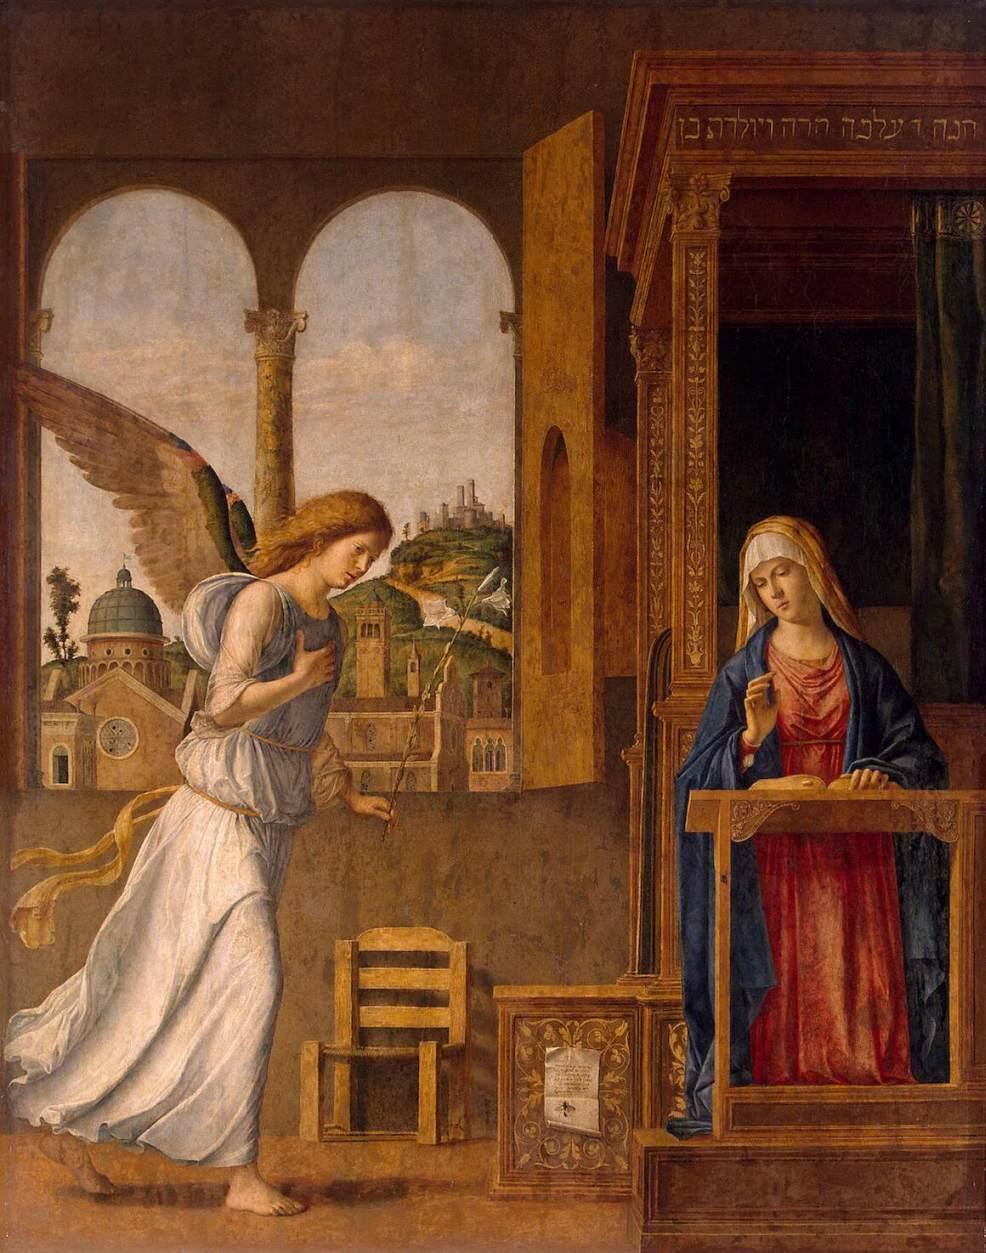 1495-cima-da-conegliano-annunciation.jpg